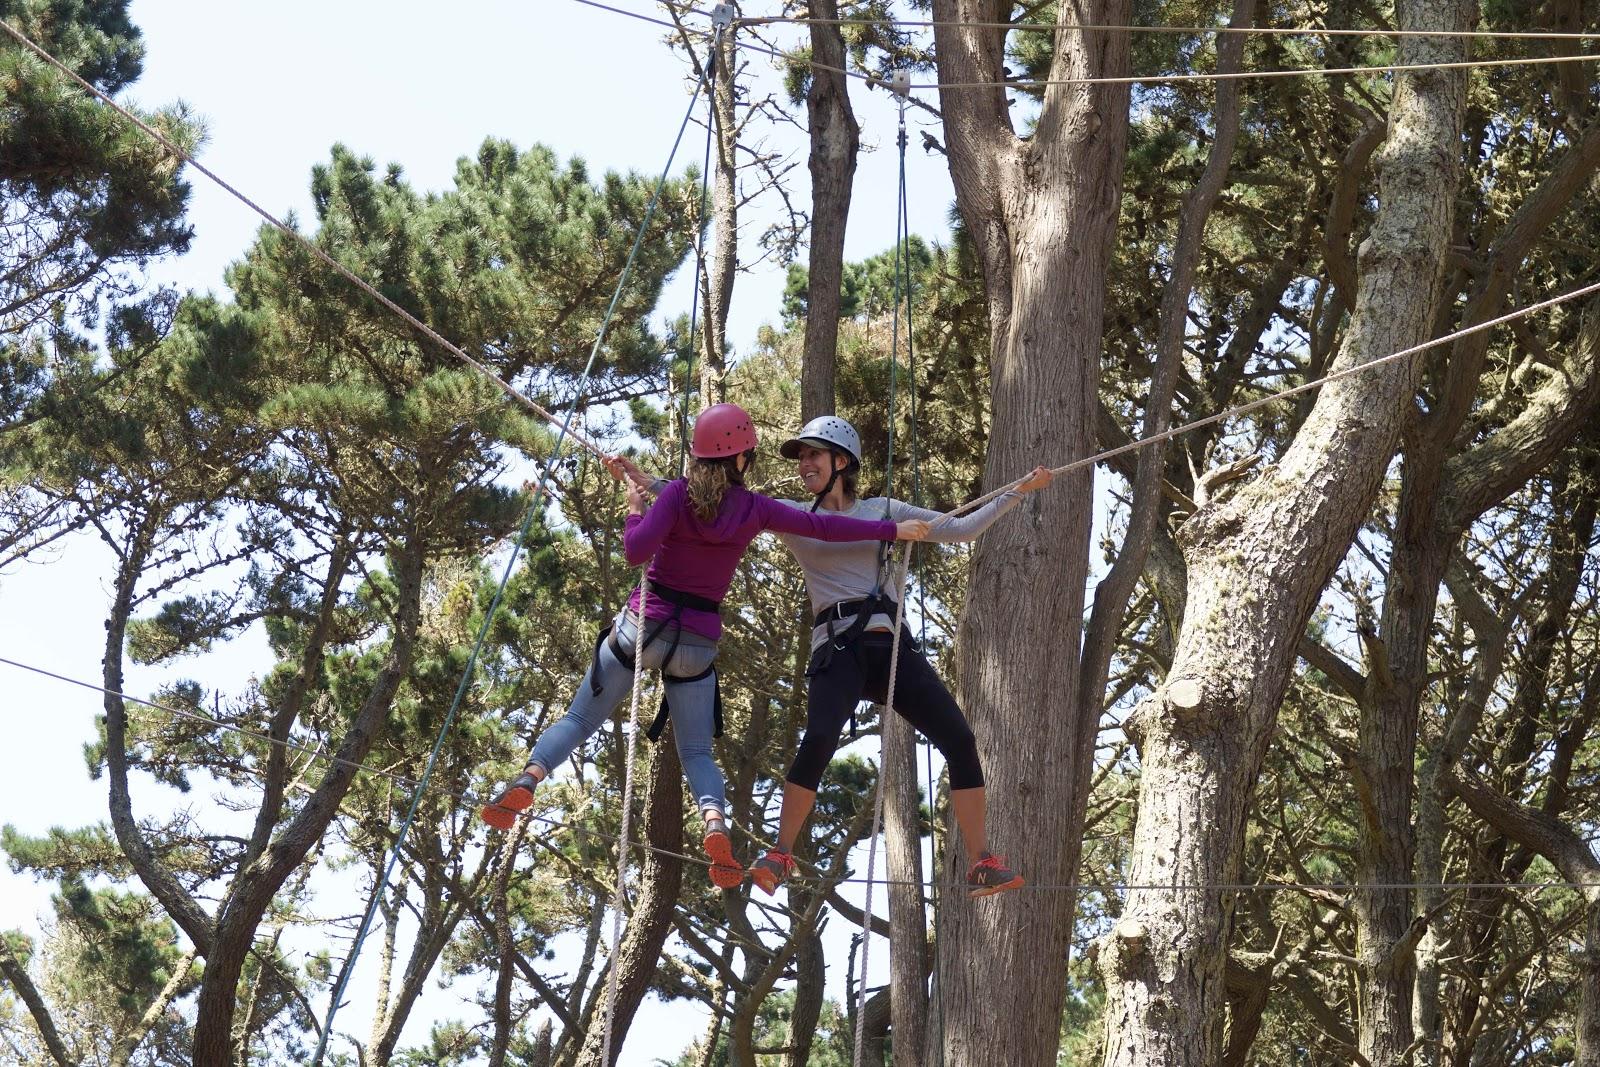 kath-sarah-two-ropes.jpg